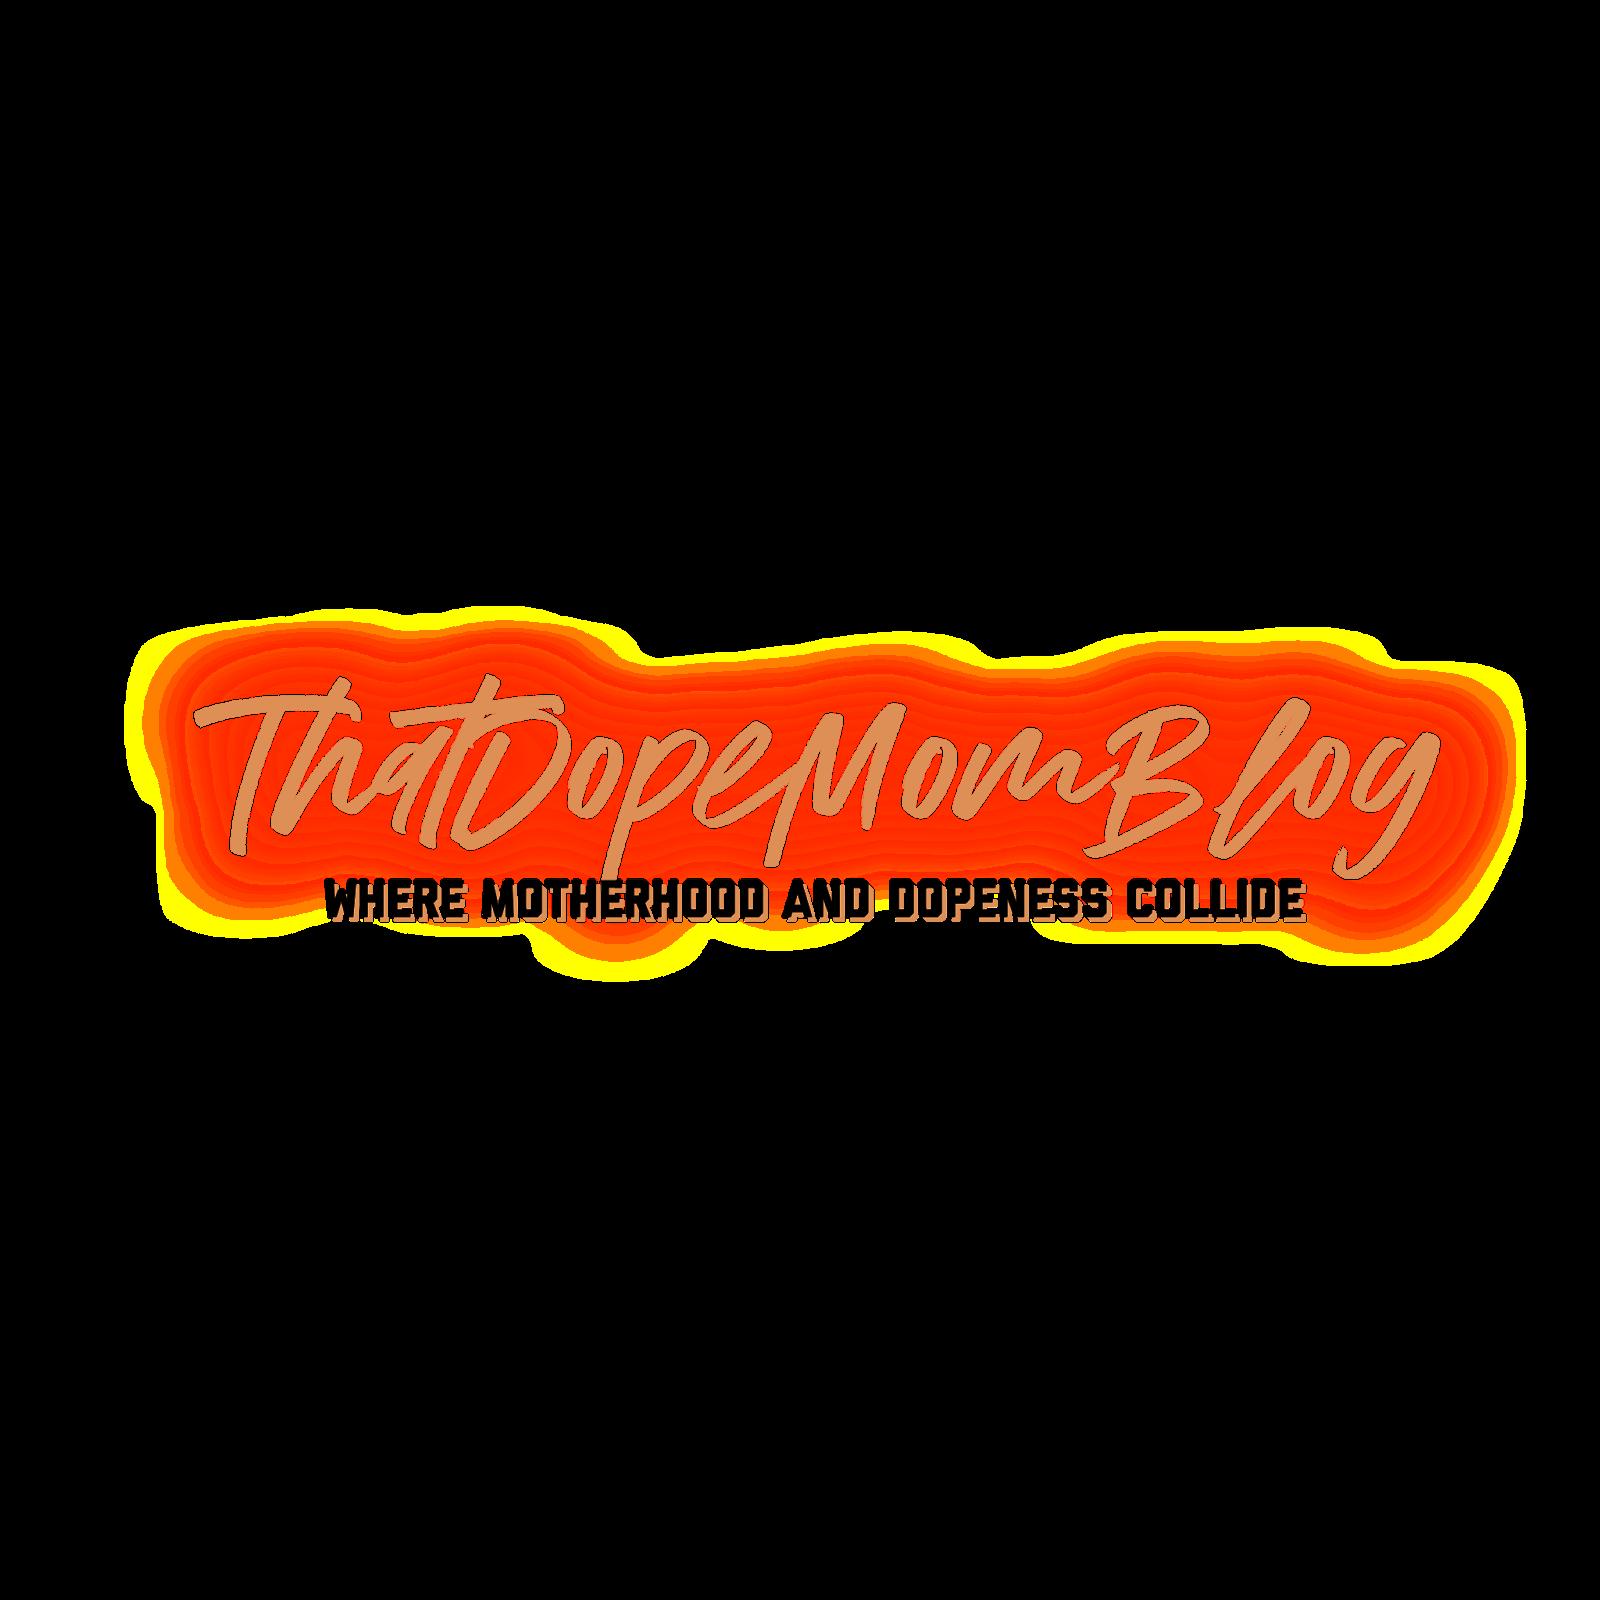 ThatDopeMomBlog